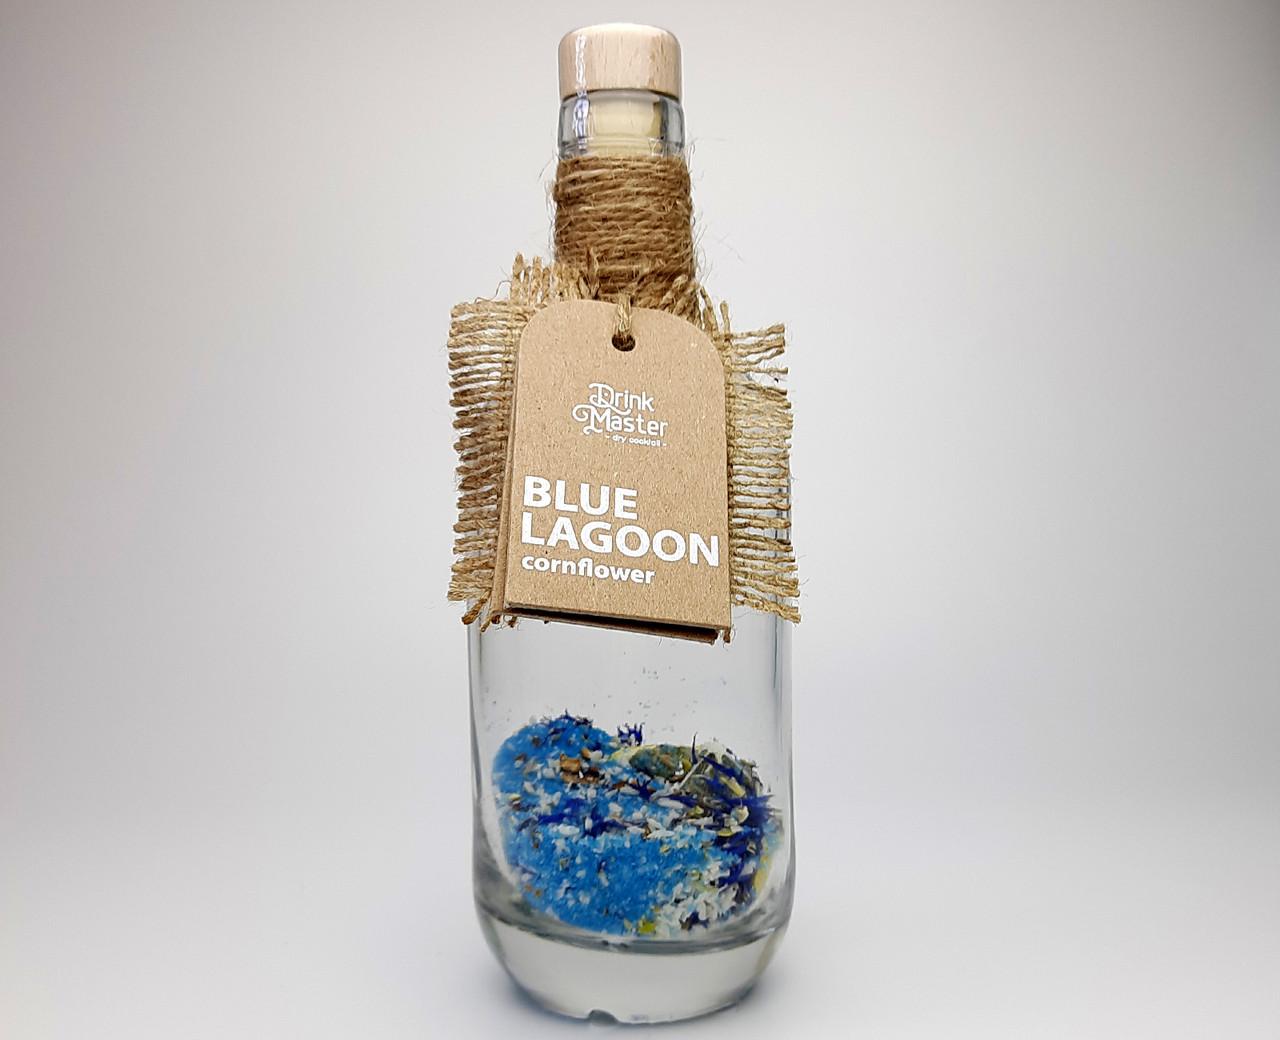 """Смесь для коктейля Drink Master """"Blue Lagoon"""" (Голубая лагуна) - коктейль для вечеринки"""